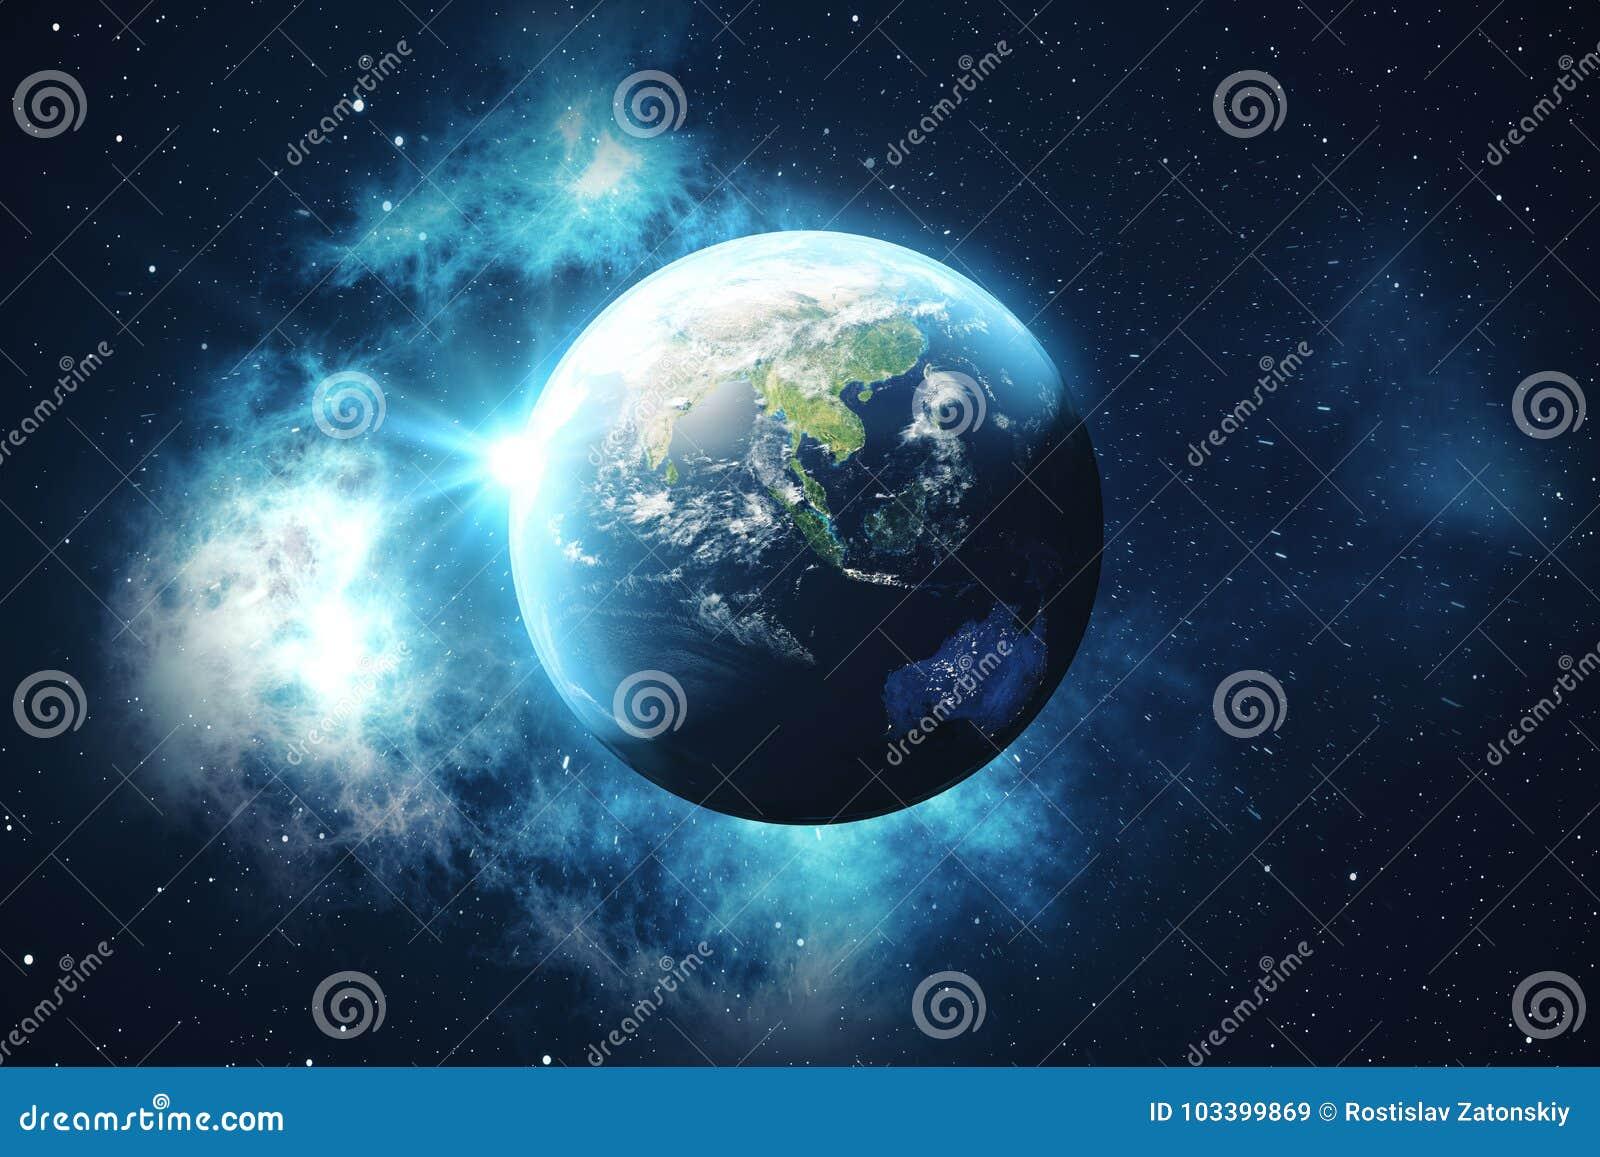 Amüsant Weltkugel 3d Beste Wahl Der Wiedergabe-3d Vom Raum Auf Einem Stern-gebiet,